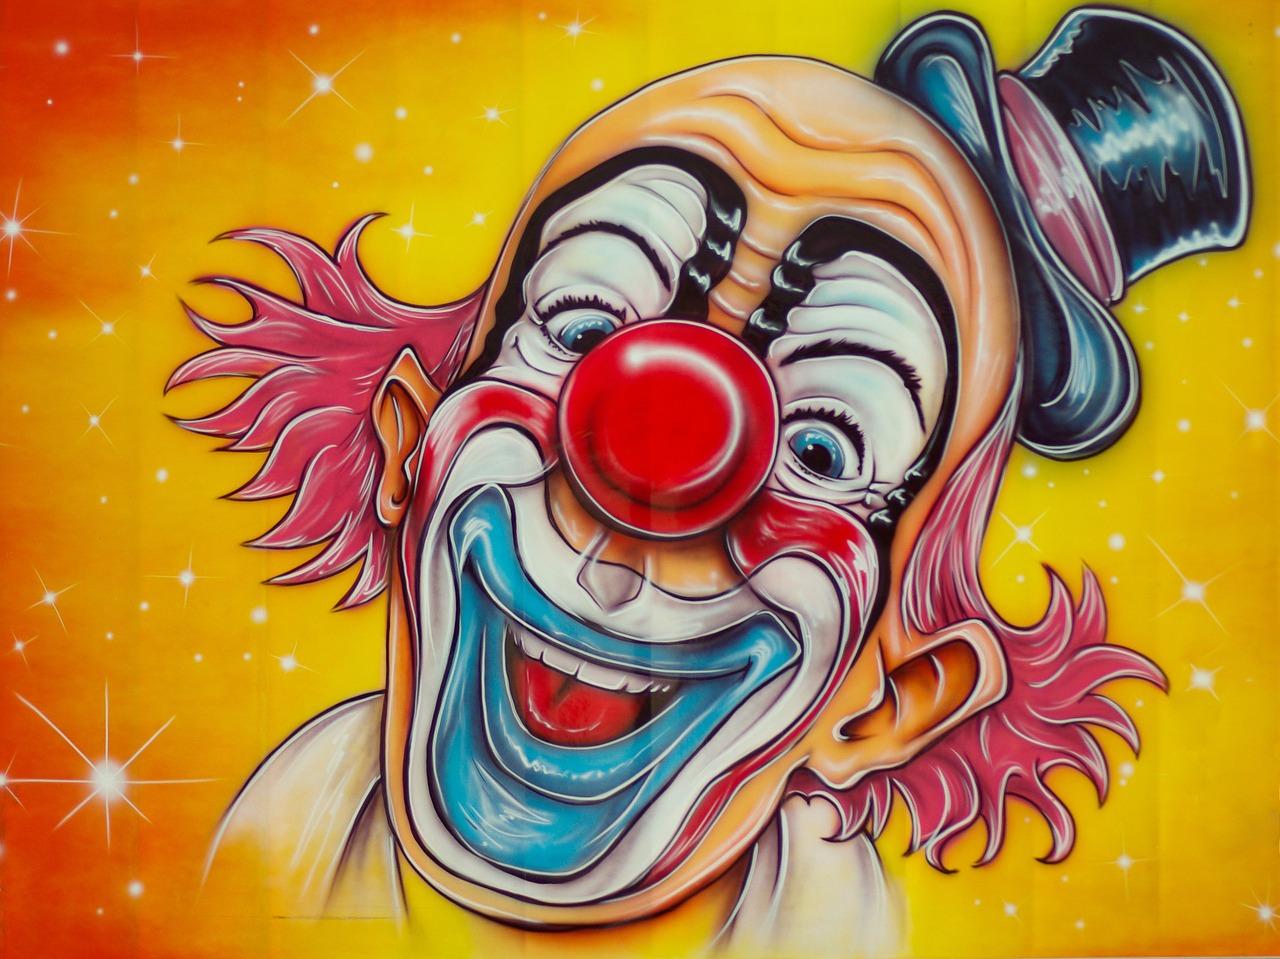 Free Image by pixabay.com circus-clown-disguise-fun-fair-653851